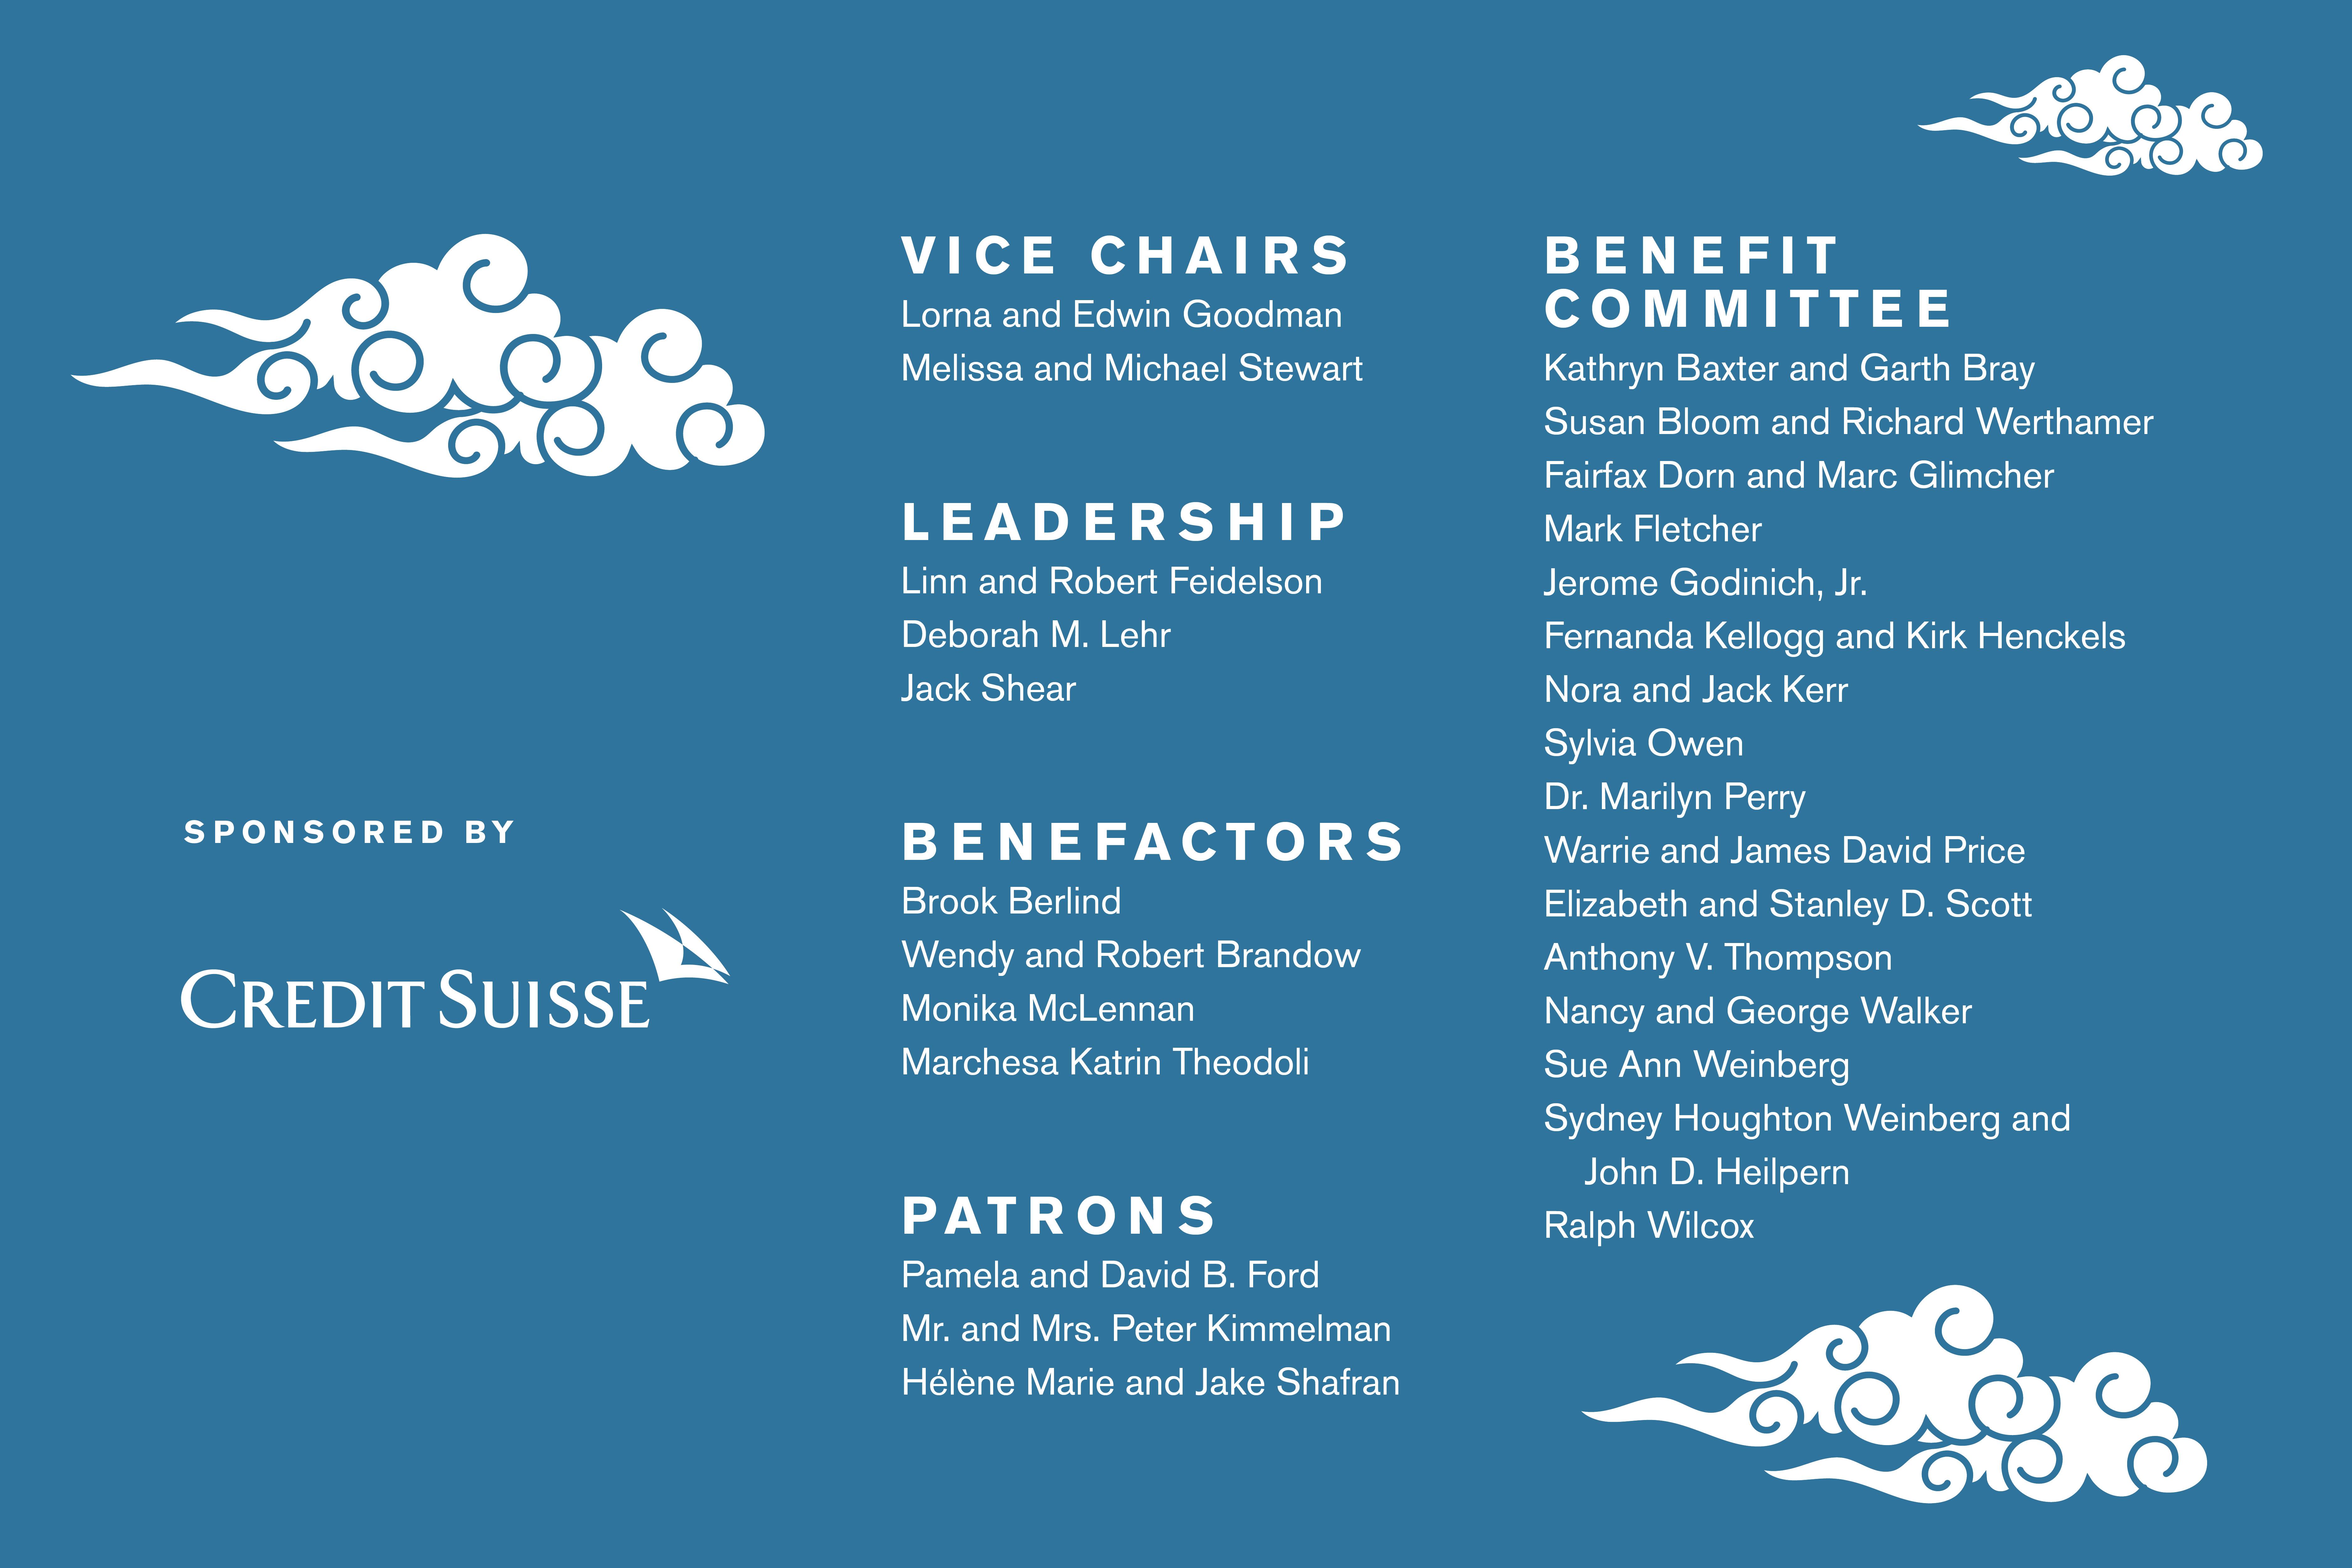 Benefit Committee Members